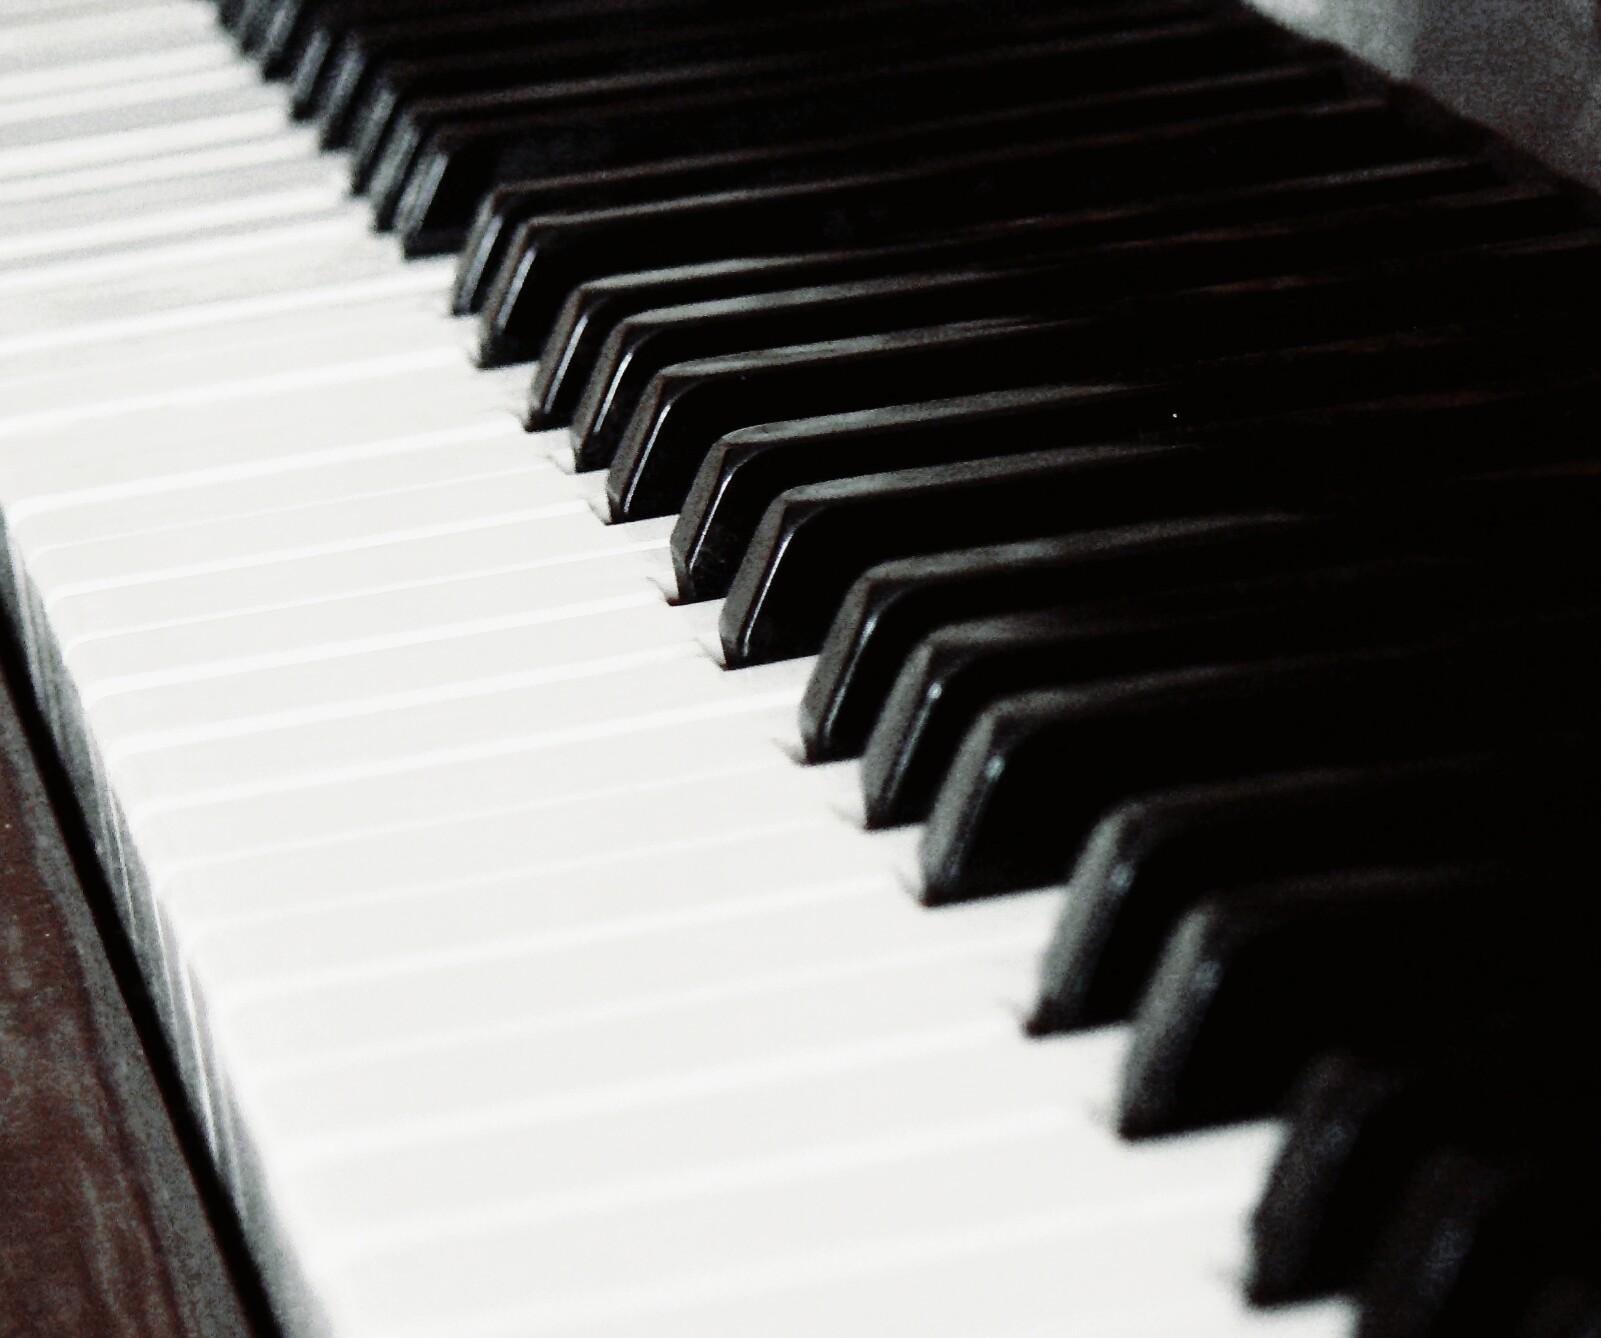 Членом по пианино 3 фотография